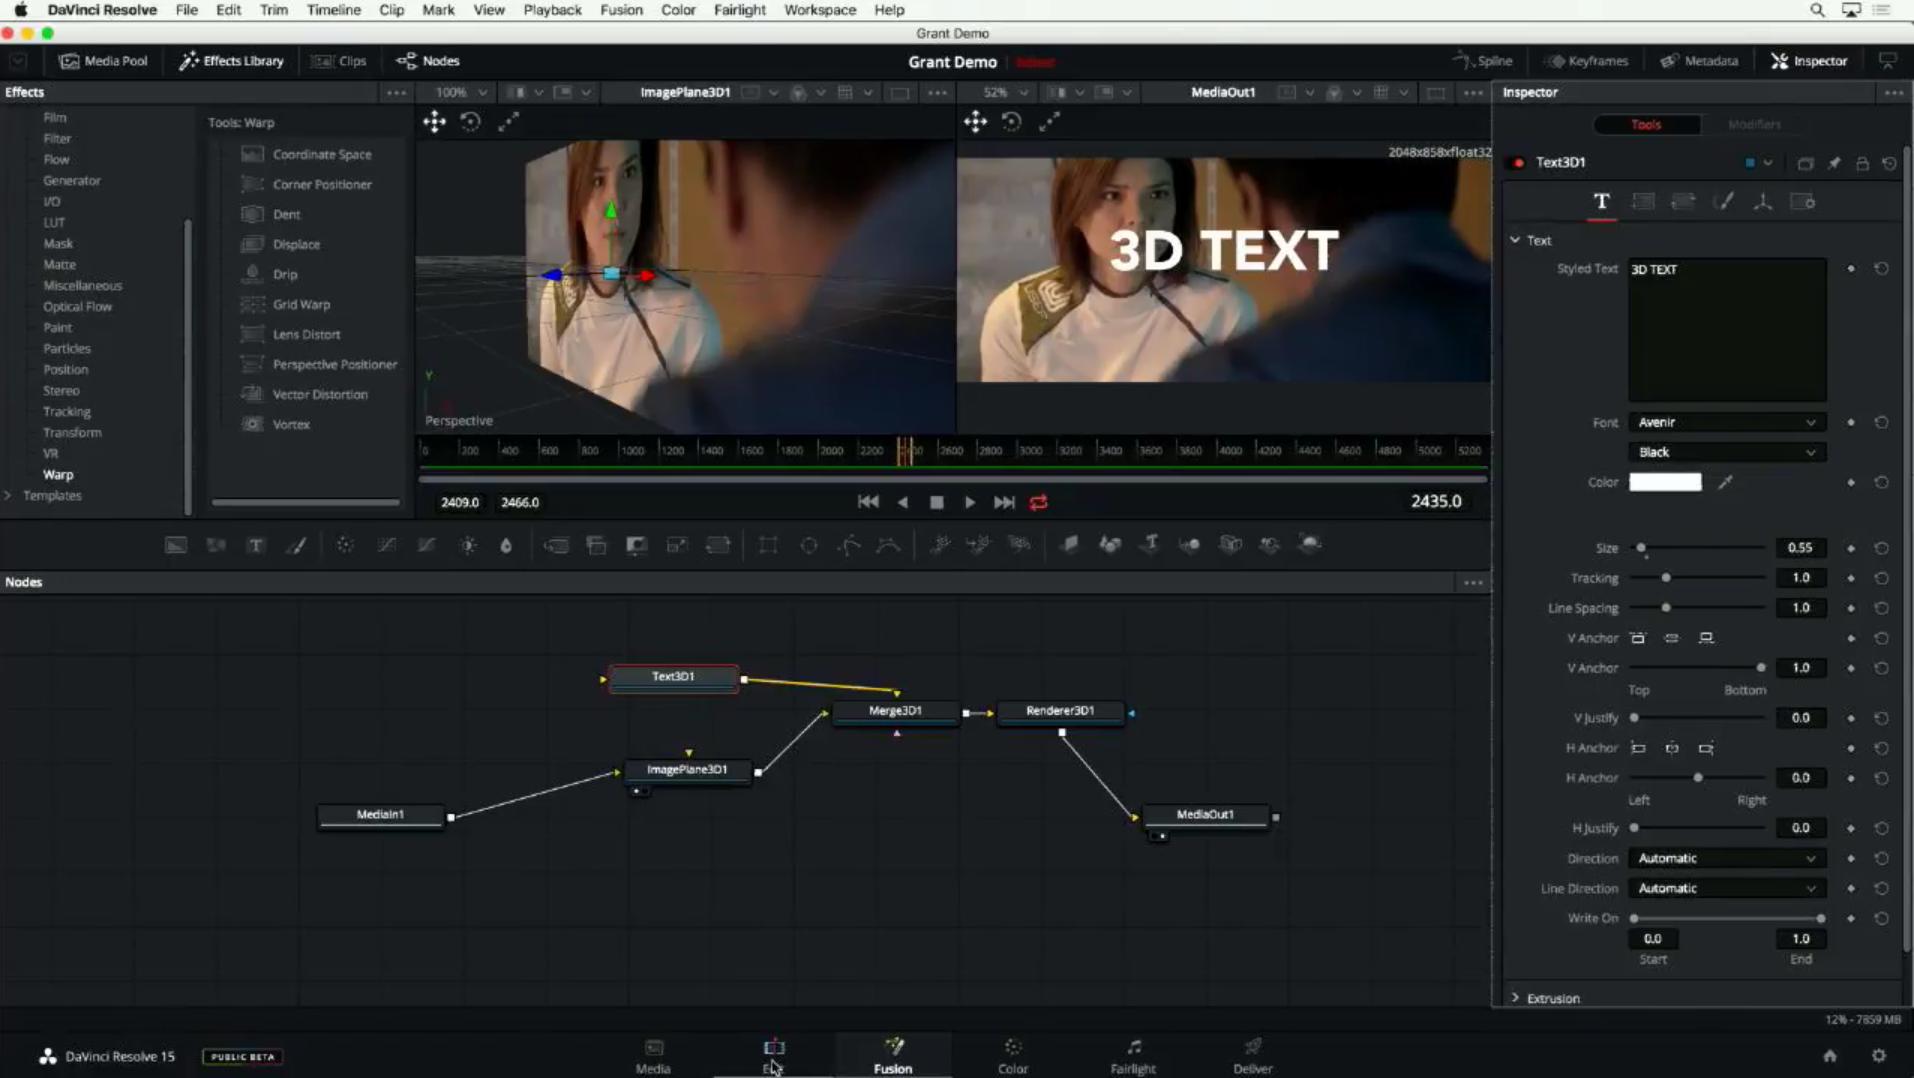 DaVinci Resolve 15 : Page Fusion pour des effets complexes sans sortir du logiciel.